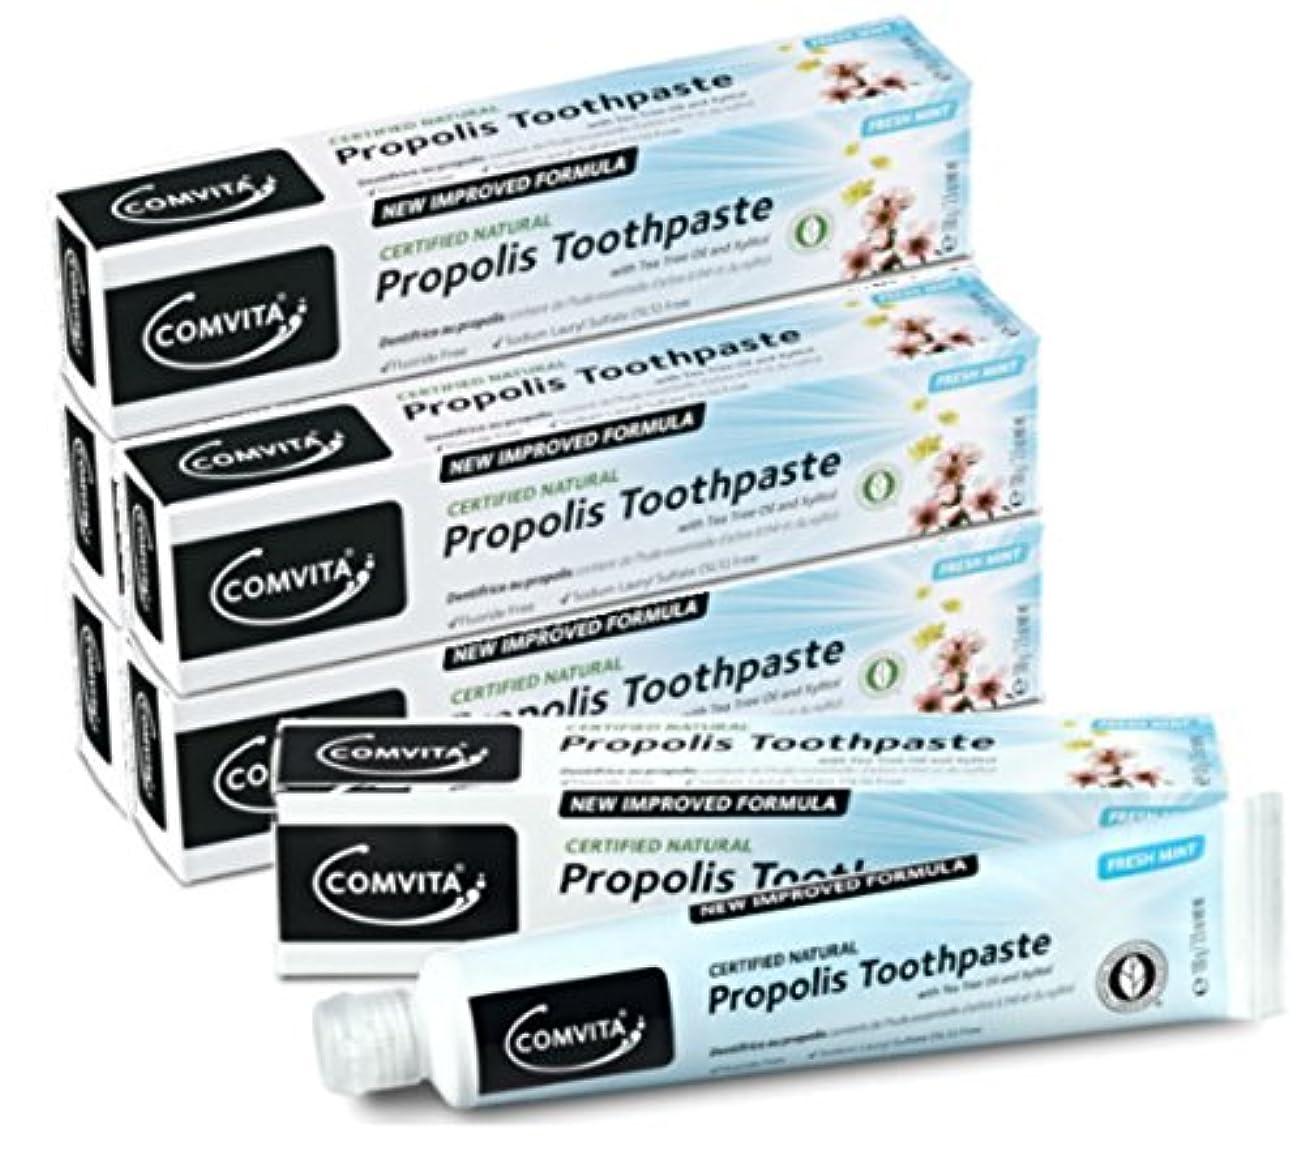 トラフミリメーター寛大さプロポリス歯磨き コンビタ アピセラ歯磨き (100g) お得な6本セット ティーツリーオイル配合